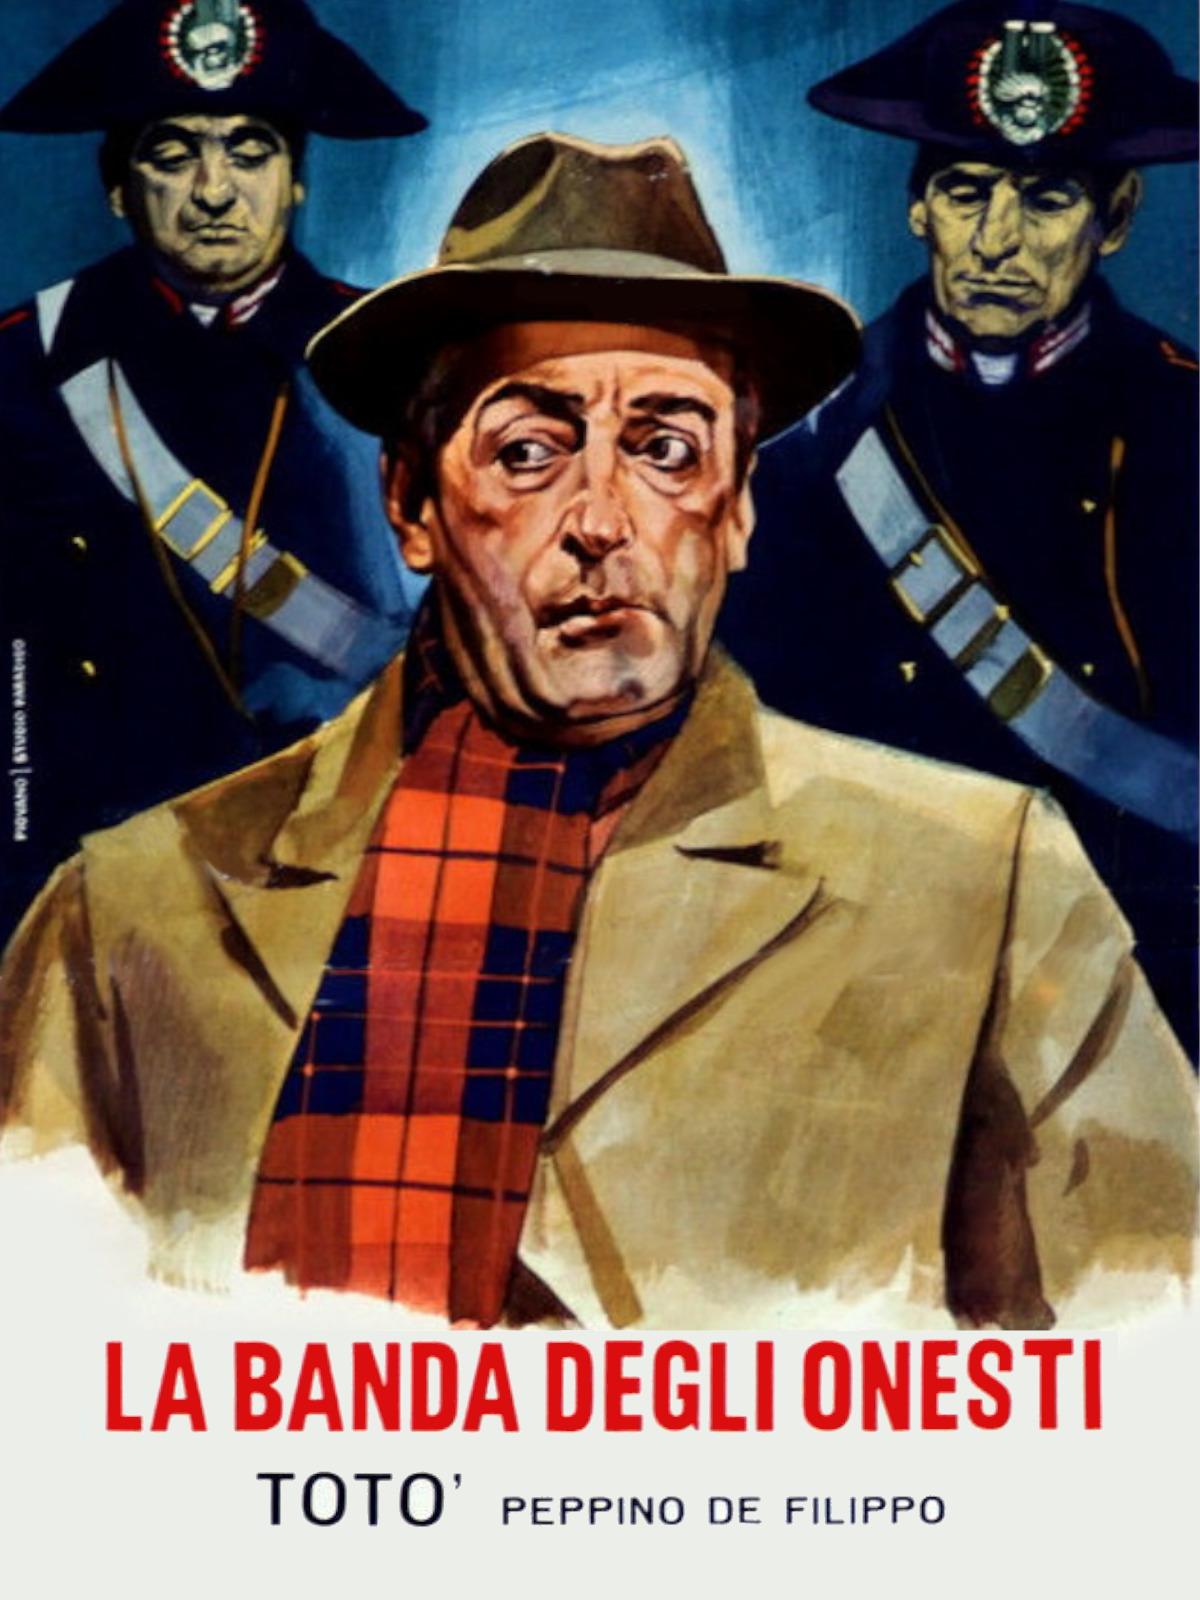 CINE ITALIANO -il topice- - Página 7 9b7a0c7ce10d4276fcbbc9f28948446fc12037b2f7f64693b696c1c7327bdd35._RI_V_TTW_